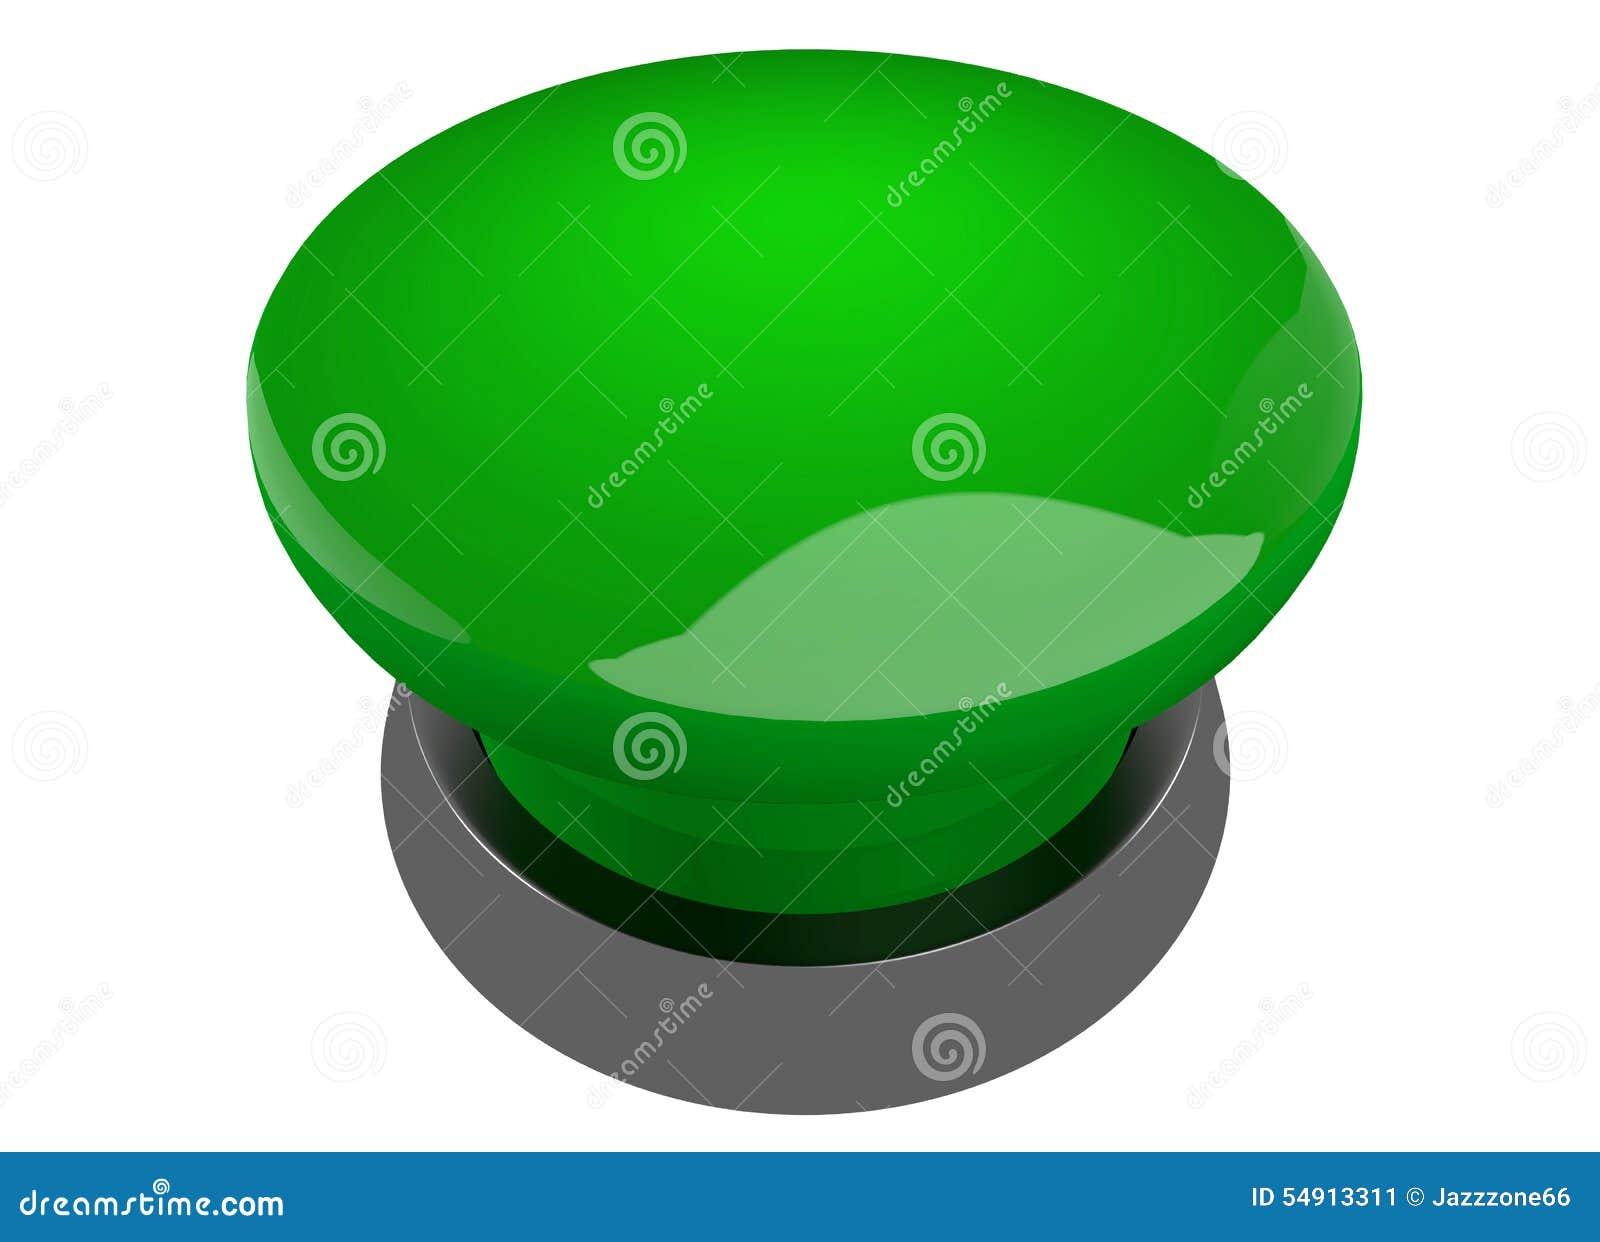 green buzzer button stock photo image 54913311